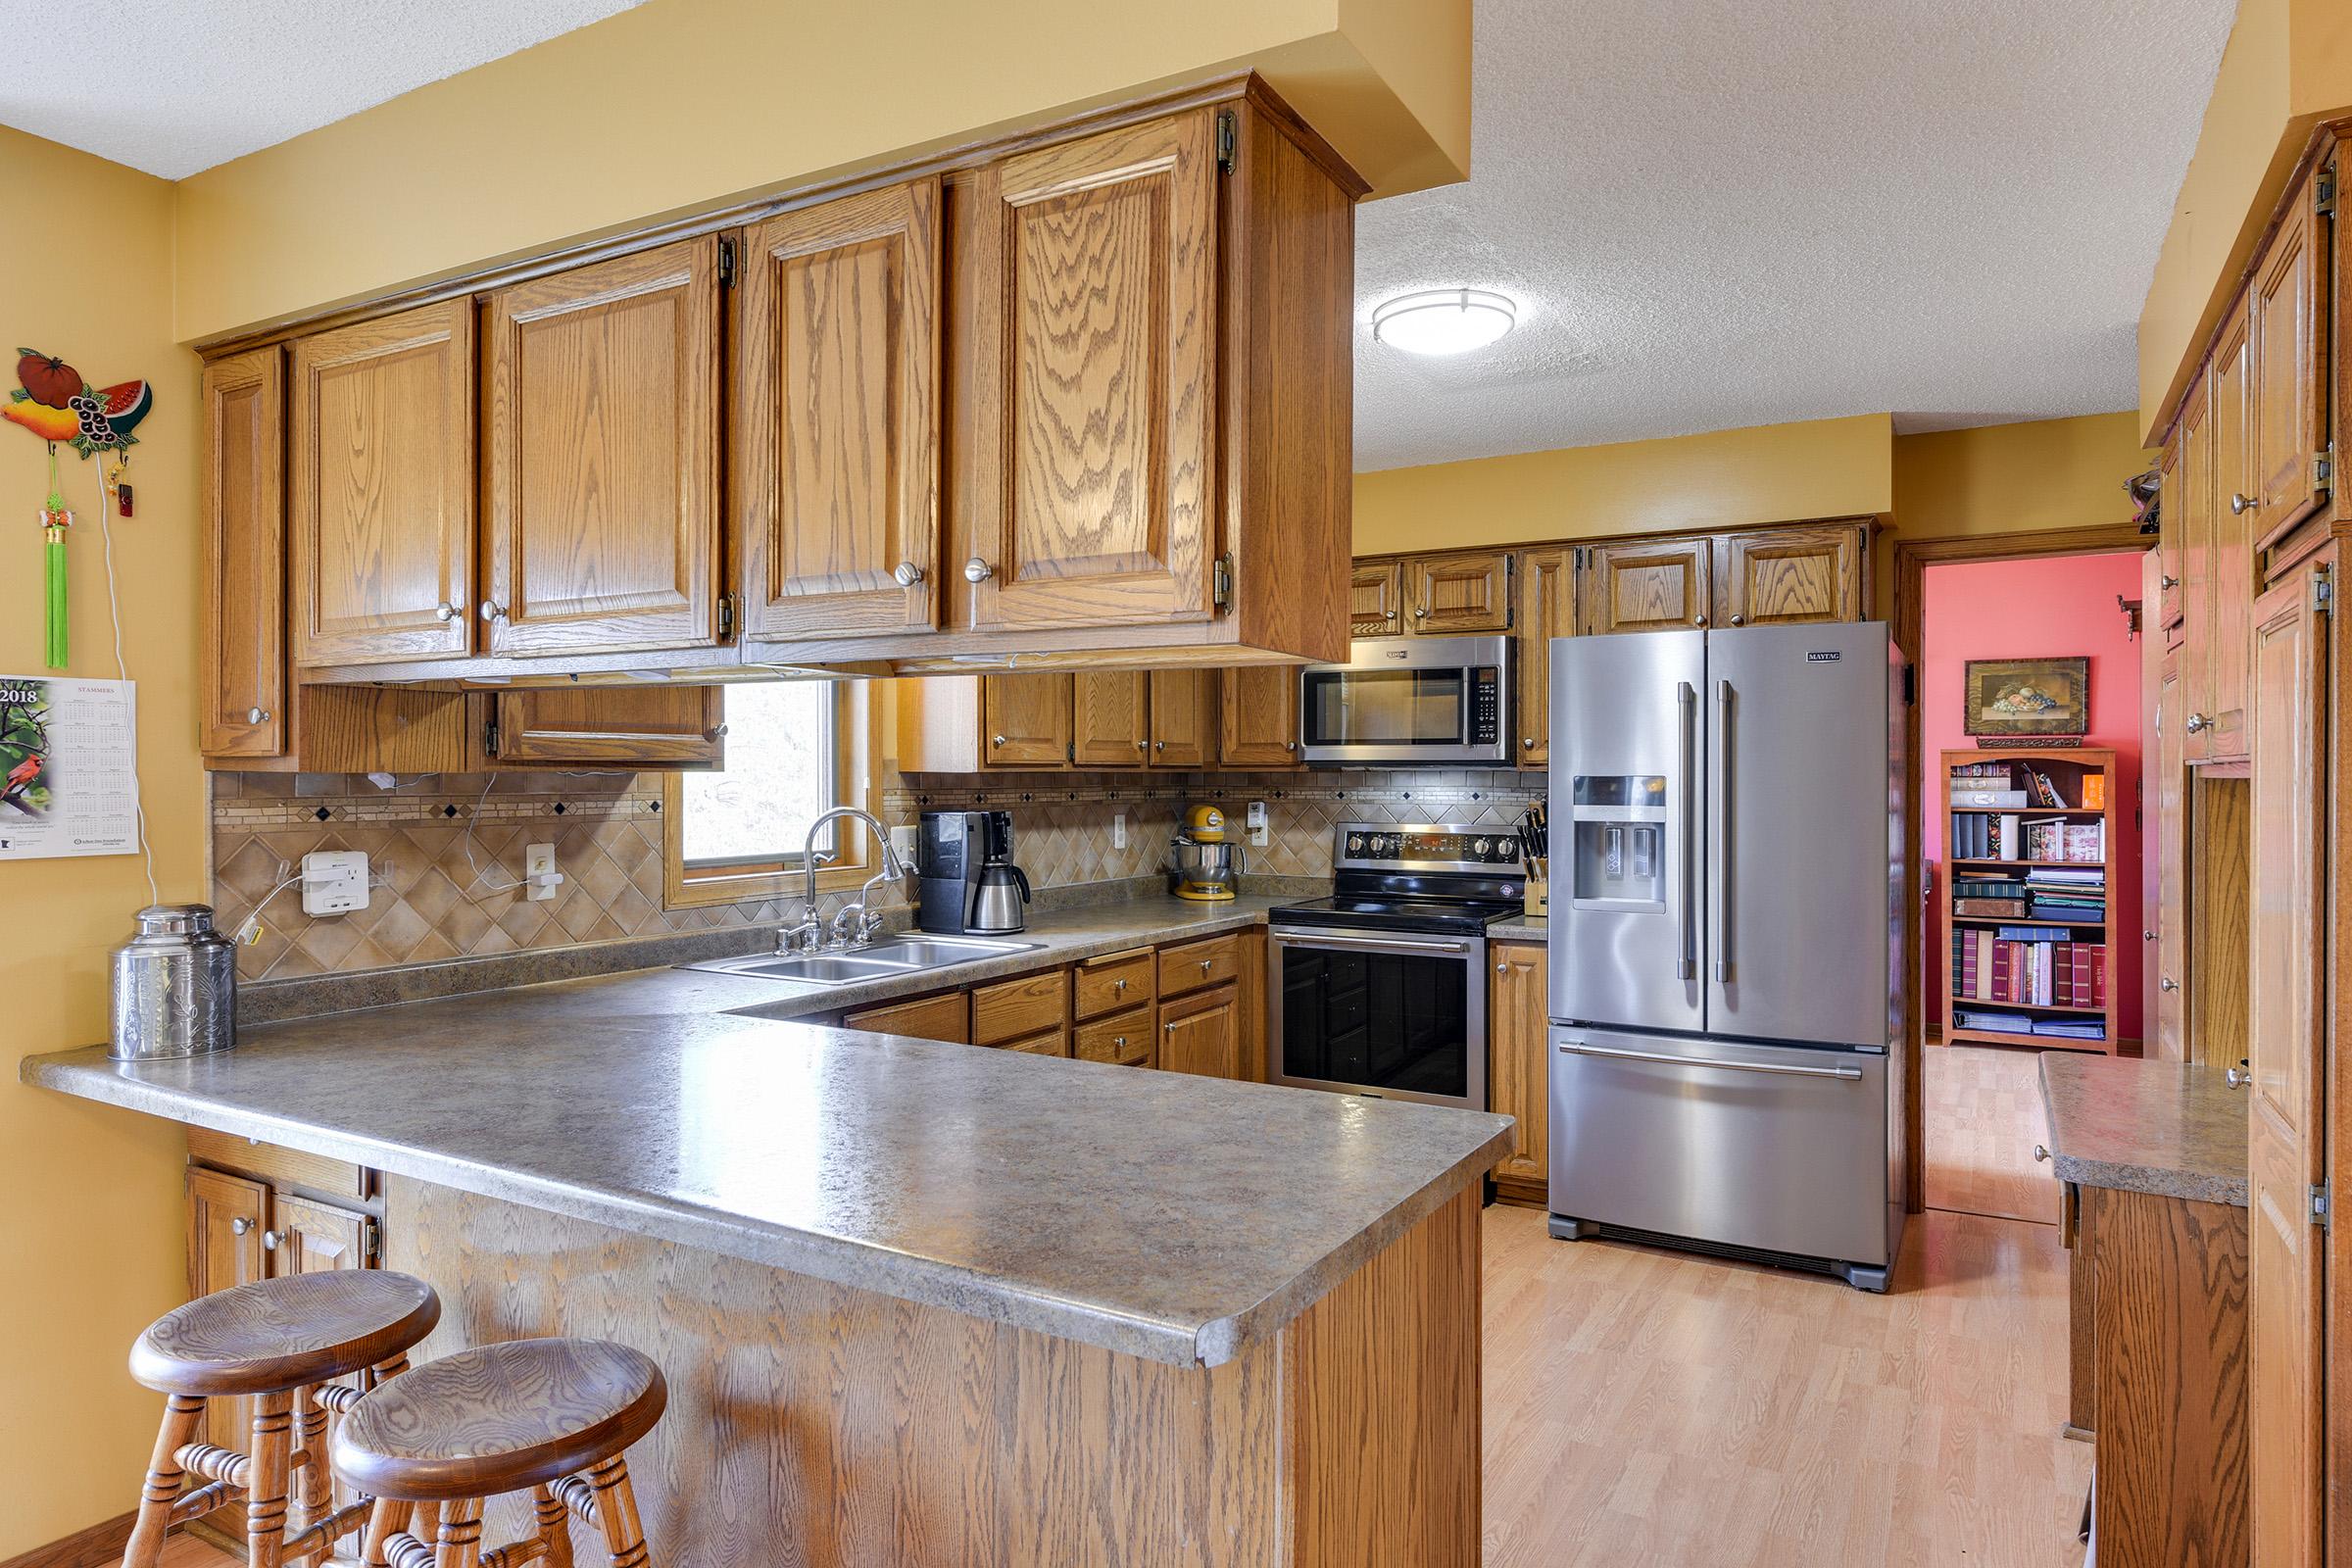 Beau Minnesota Cabinets Urbandale Www Stkittsvilla Com